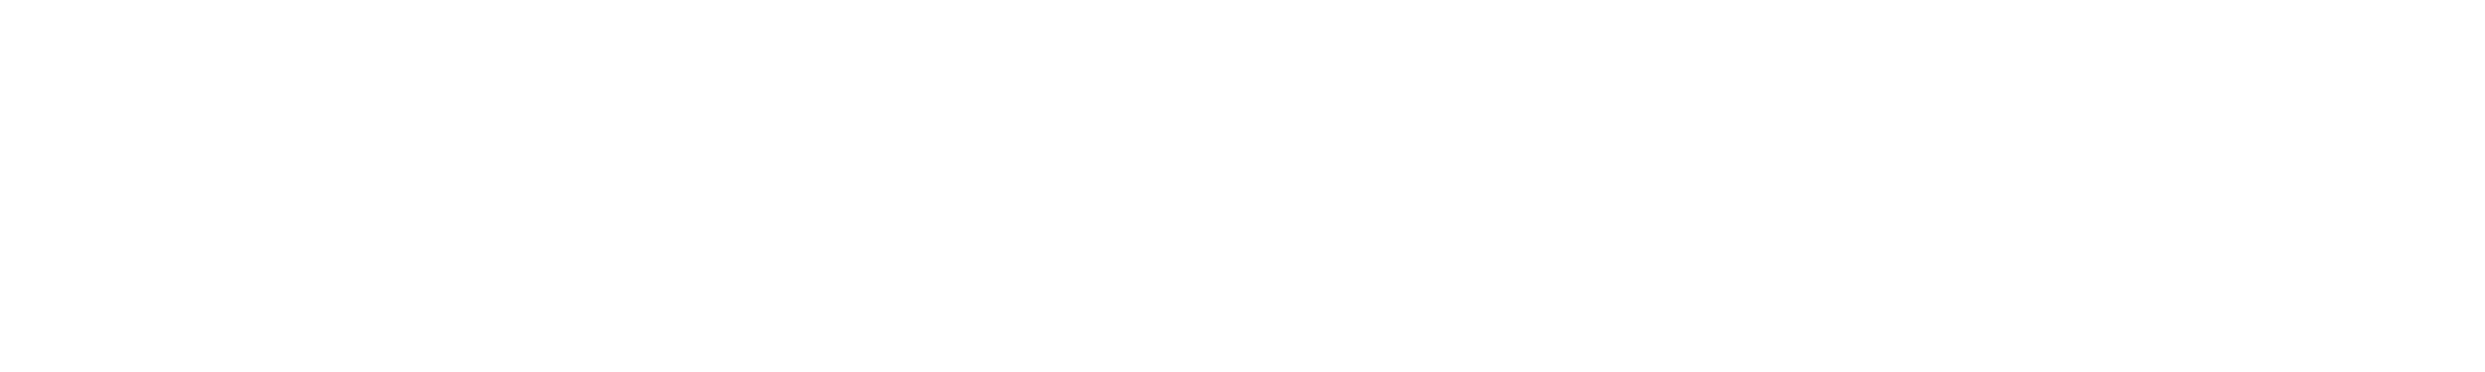 Elsevier Logo-White.png